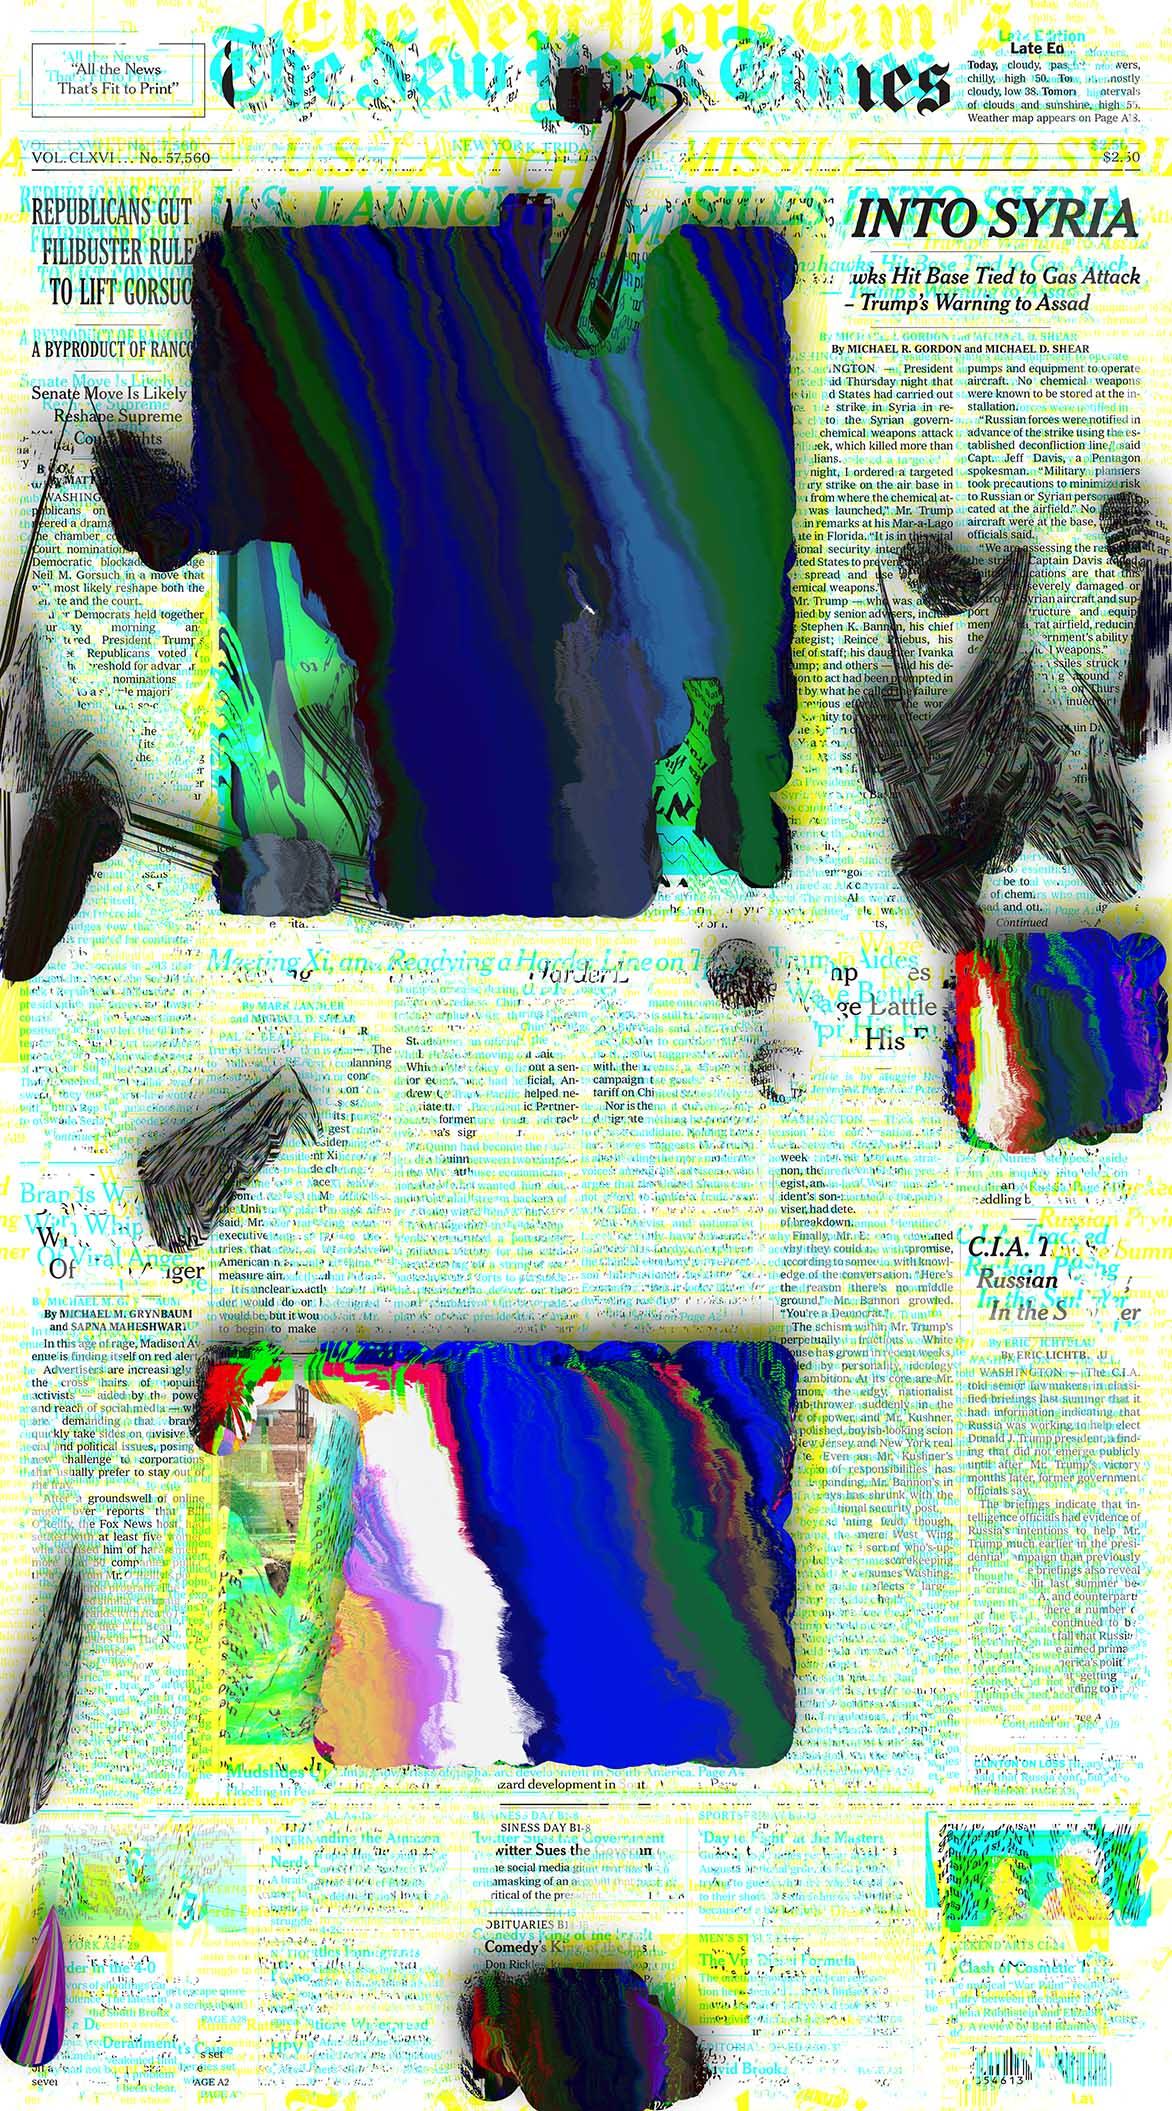 Nxxx,2017-04-07,A,001,Bs-4C,E2.pdf.0